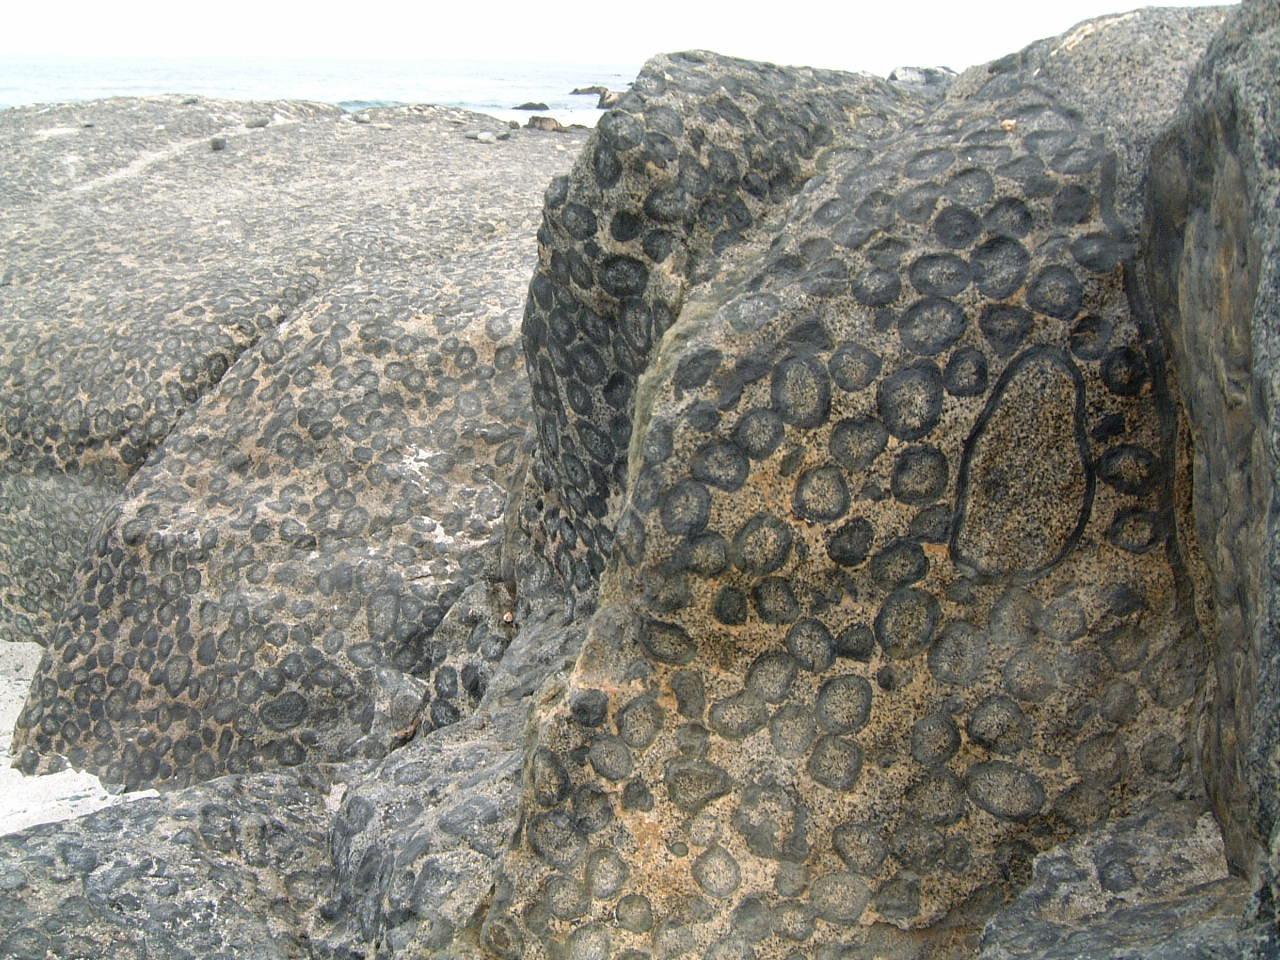 File:2005.11.08 005 Granito Orbicular Caldera Chile.jpg - Wikipedia ...